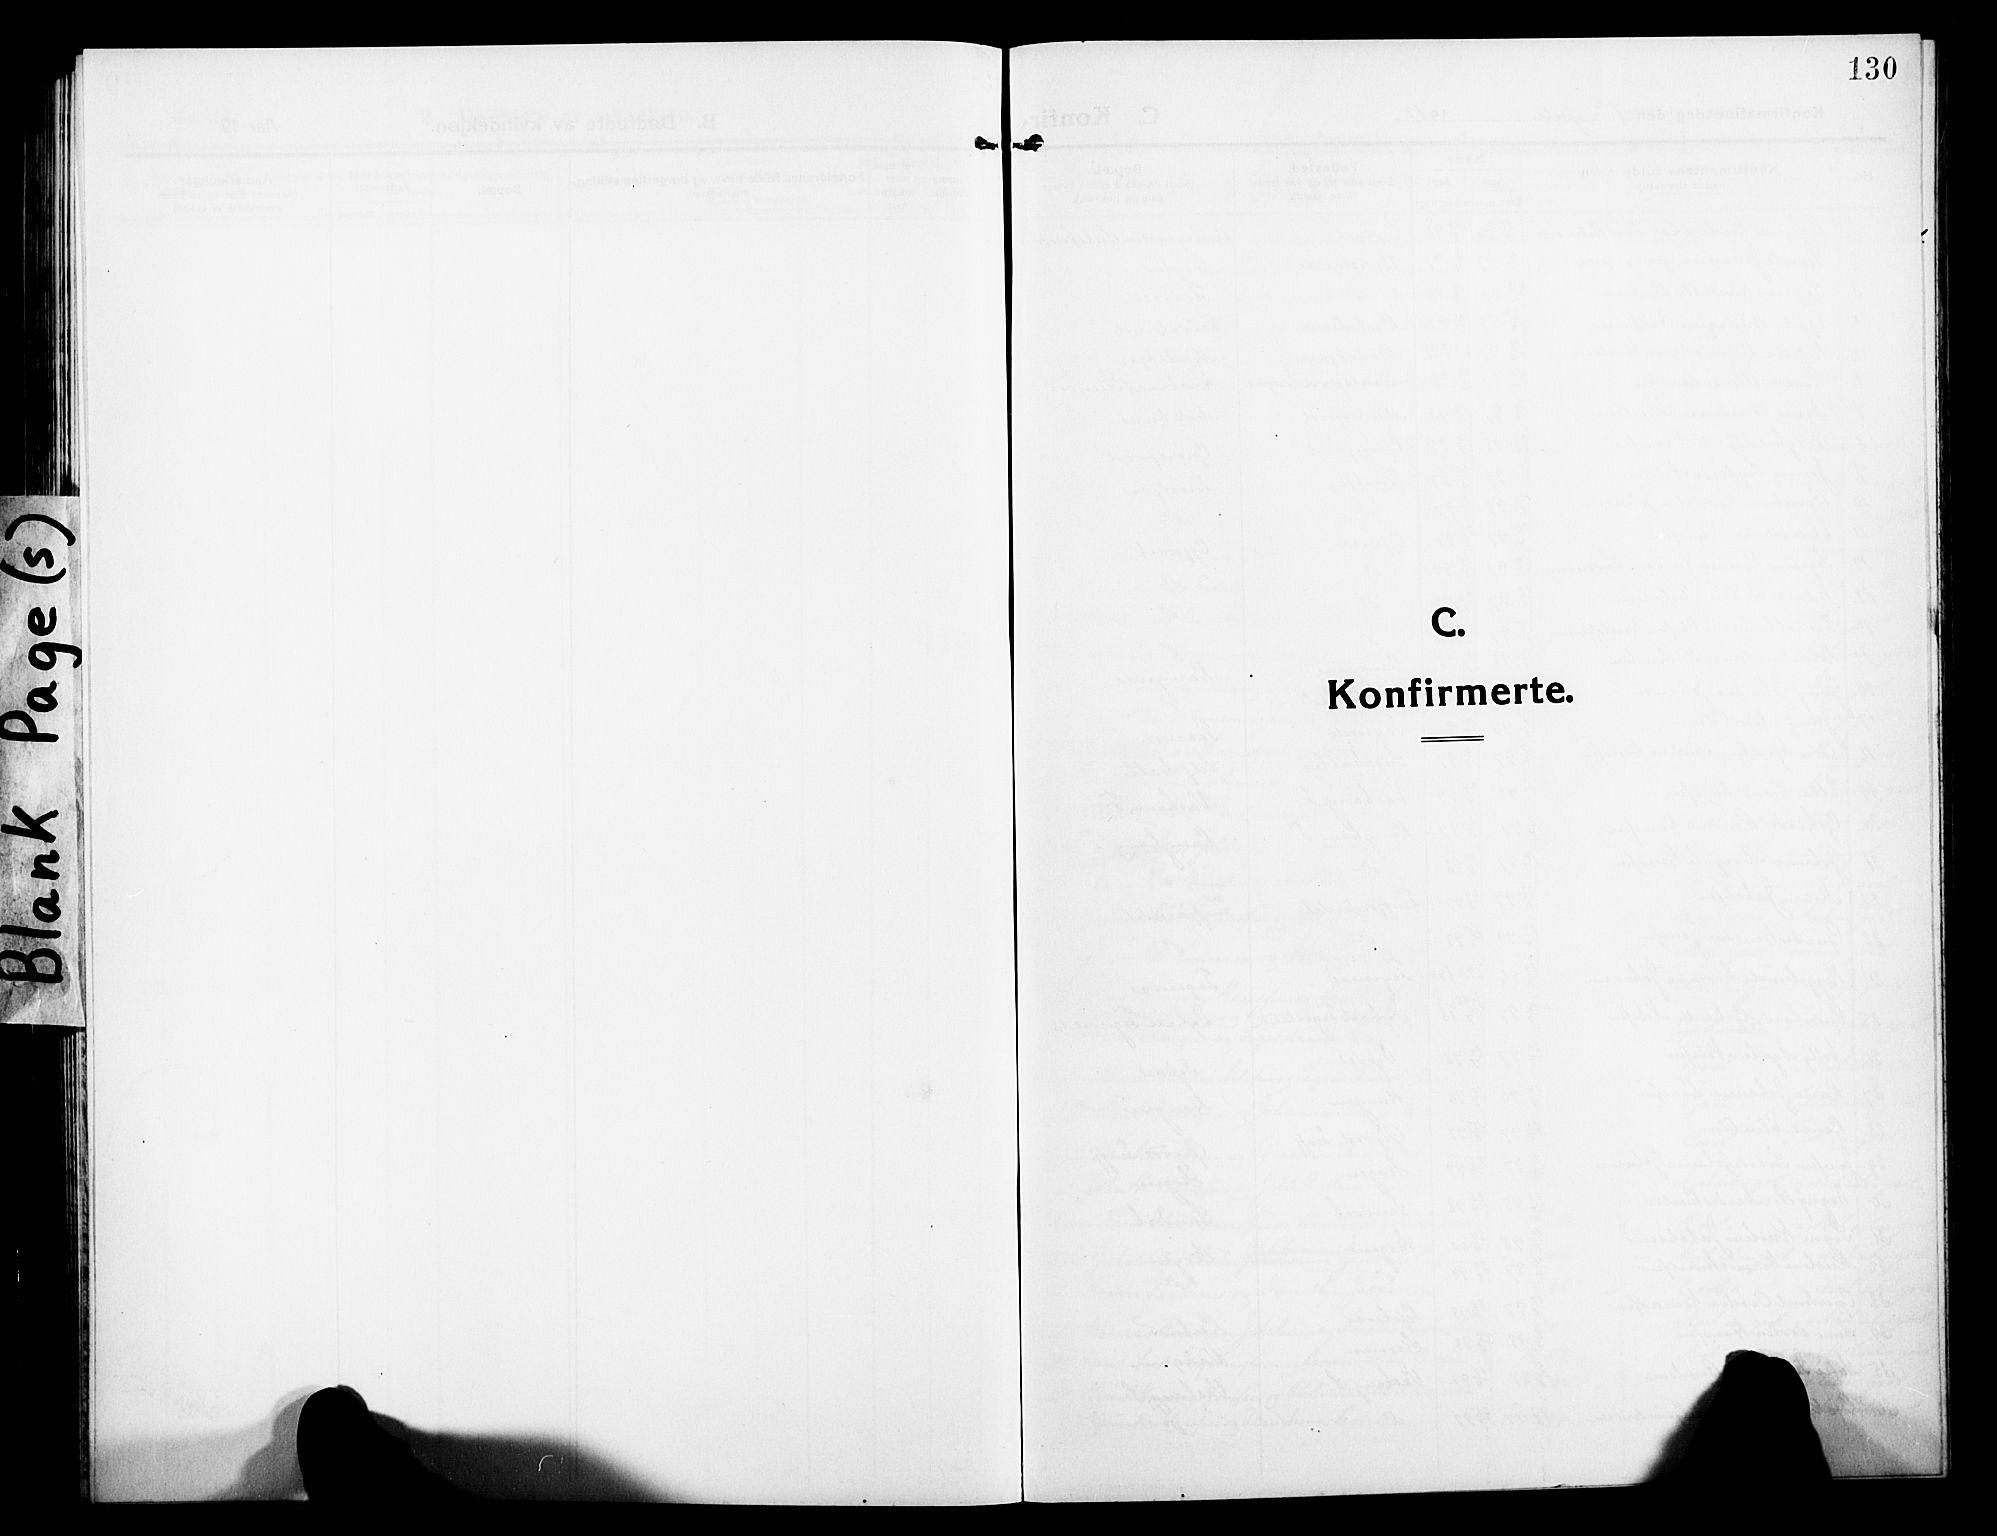 SATØ, Lenvik sokneprestembete, H/Ha: Klokkerbok nr. 9, 1912-1926, s. 130